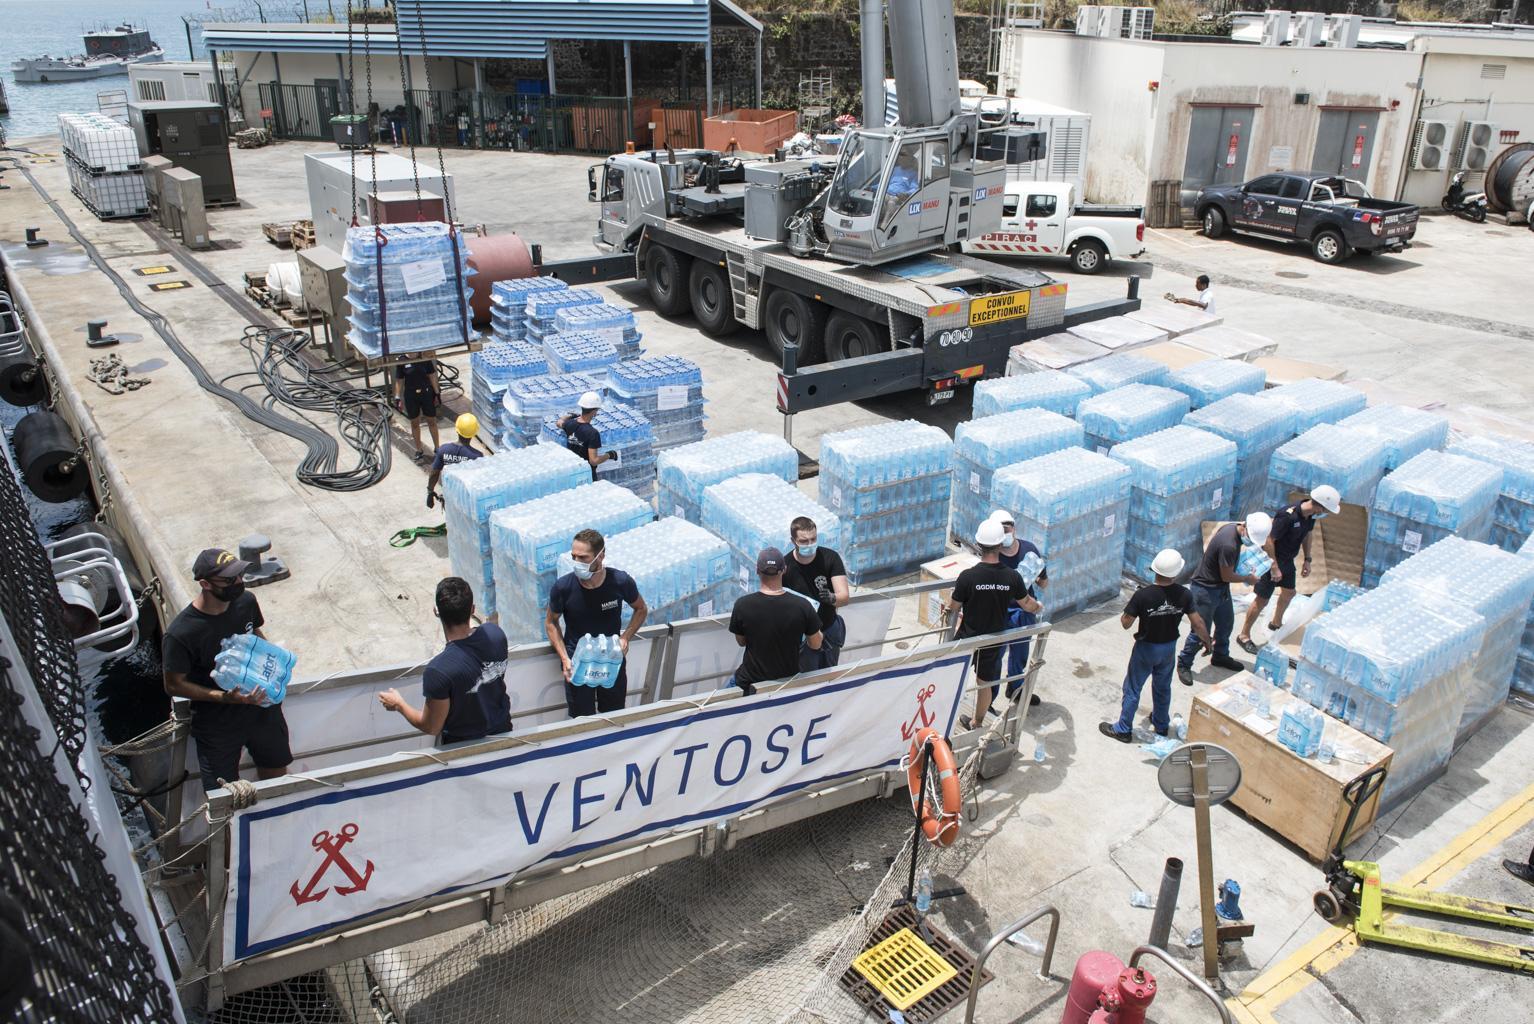 Les Forces Armées aux Antilles en renfort àSaint-Vincent-Et-Les-Grenadinesaprès l'éruption de la Soufrière